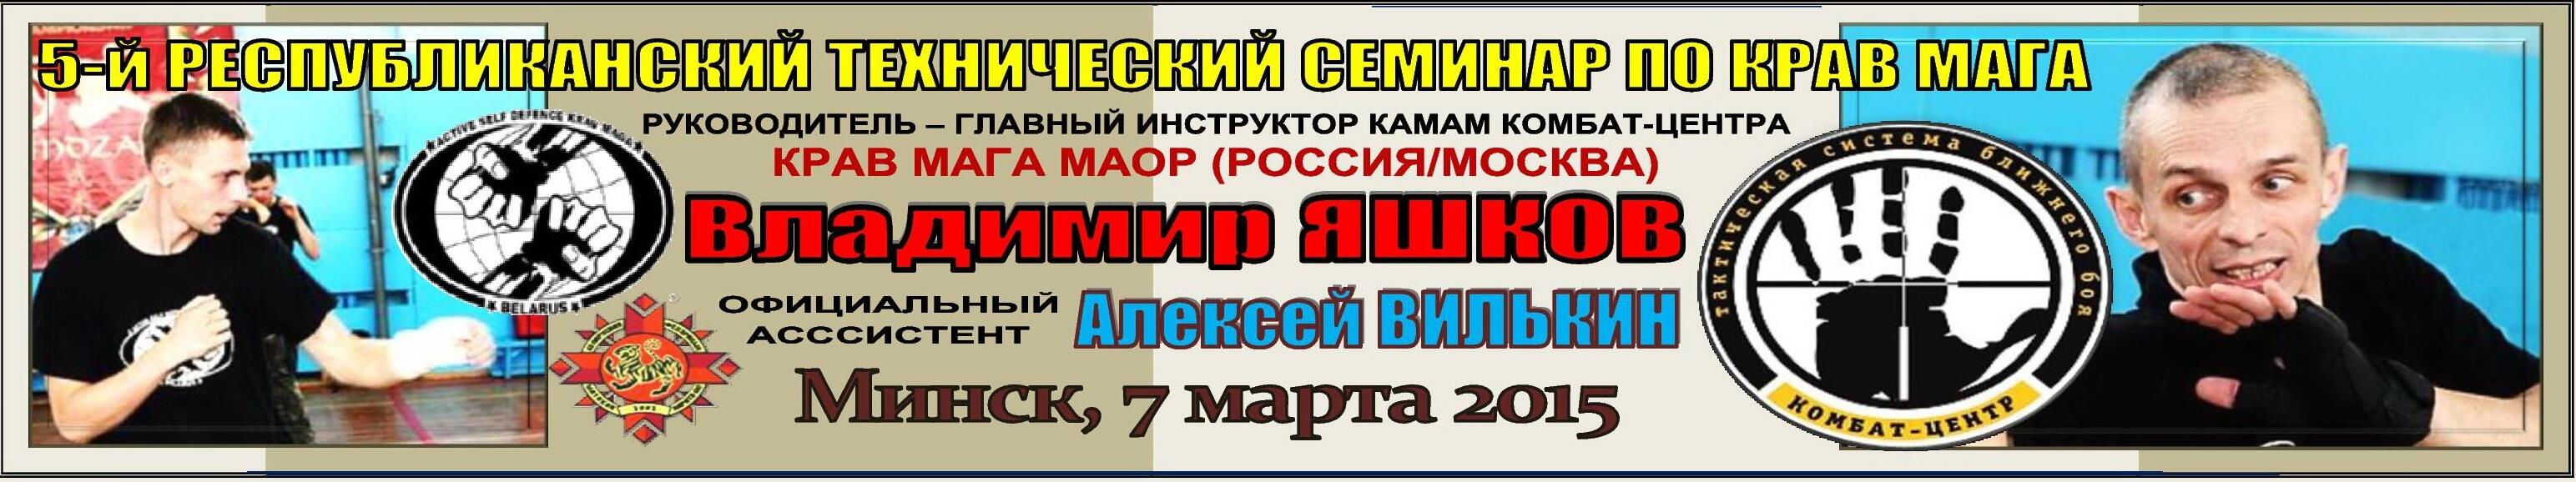 Семинар Яшкова-2015 Баннер